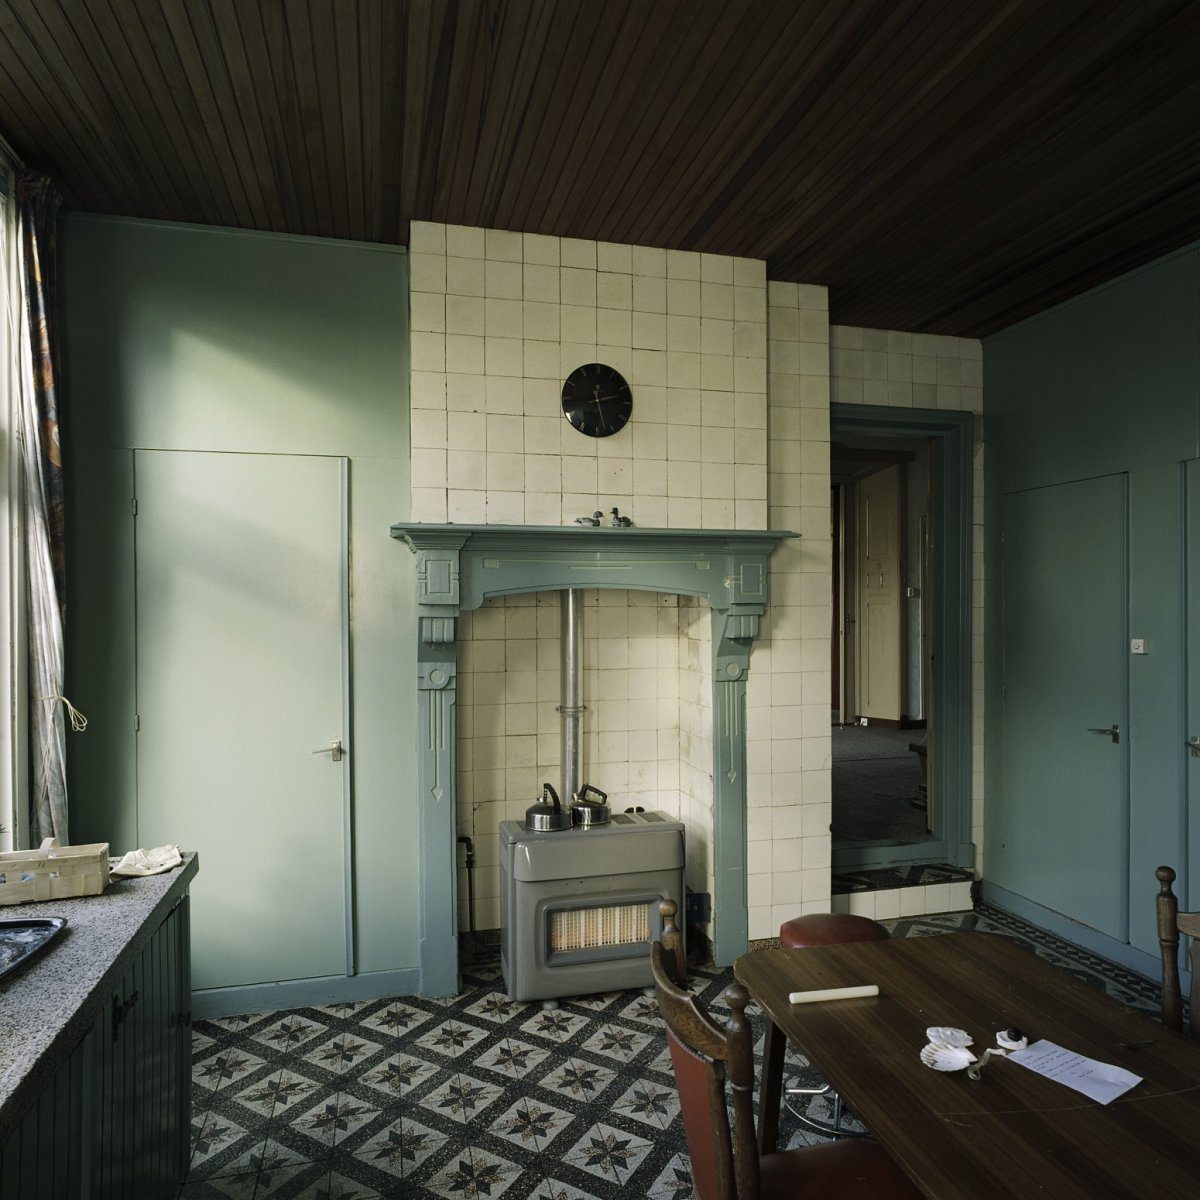 File interieur overzicht van de keuken met gaskachel en for Interieur keuken